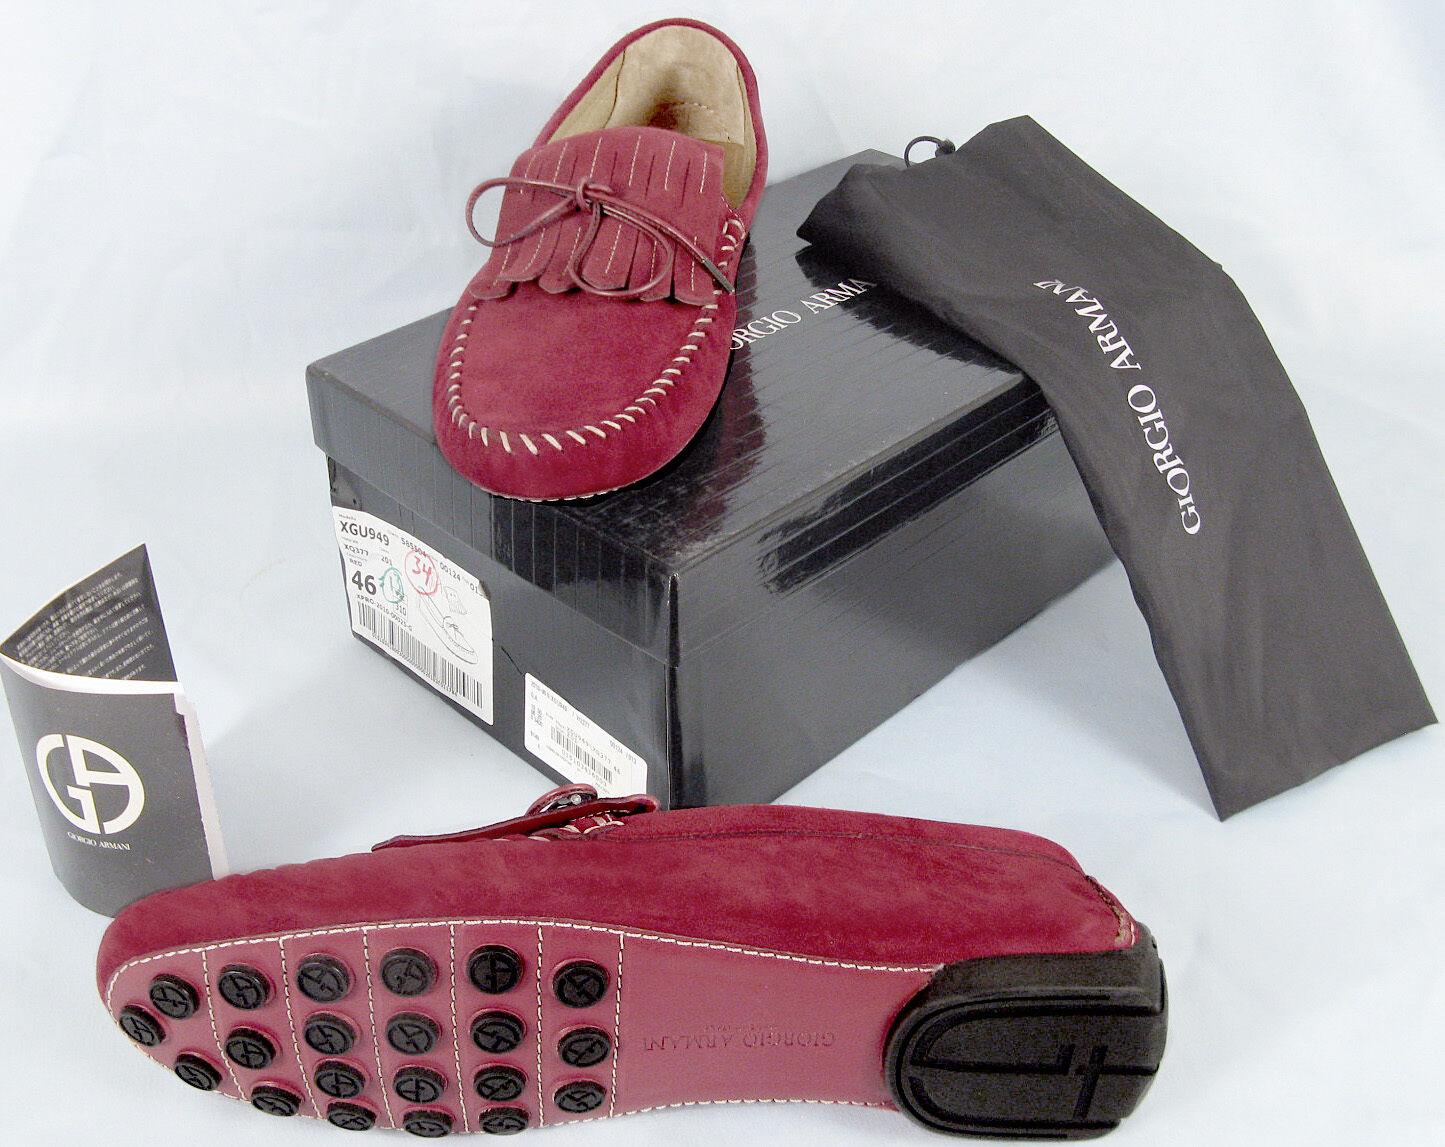 NEW  850 Giorgio Armani Uomo scarpe    e 46 Approx US 13  Dark rosso Suede Moccasins c68686